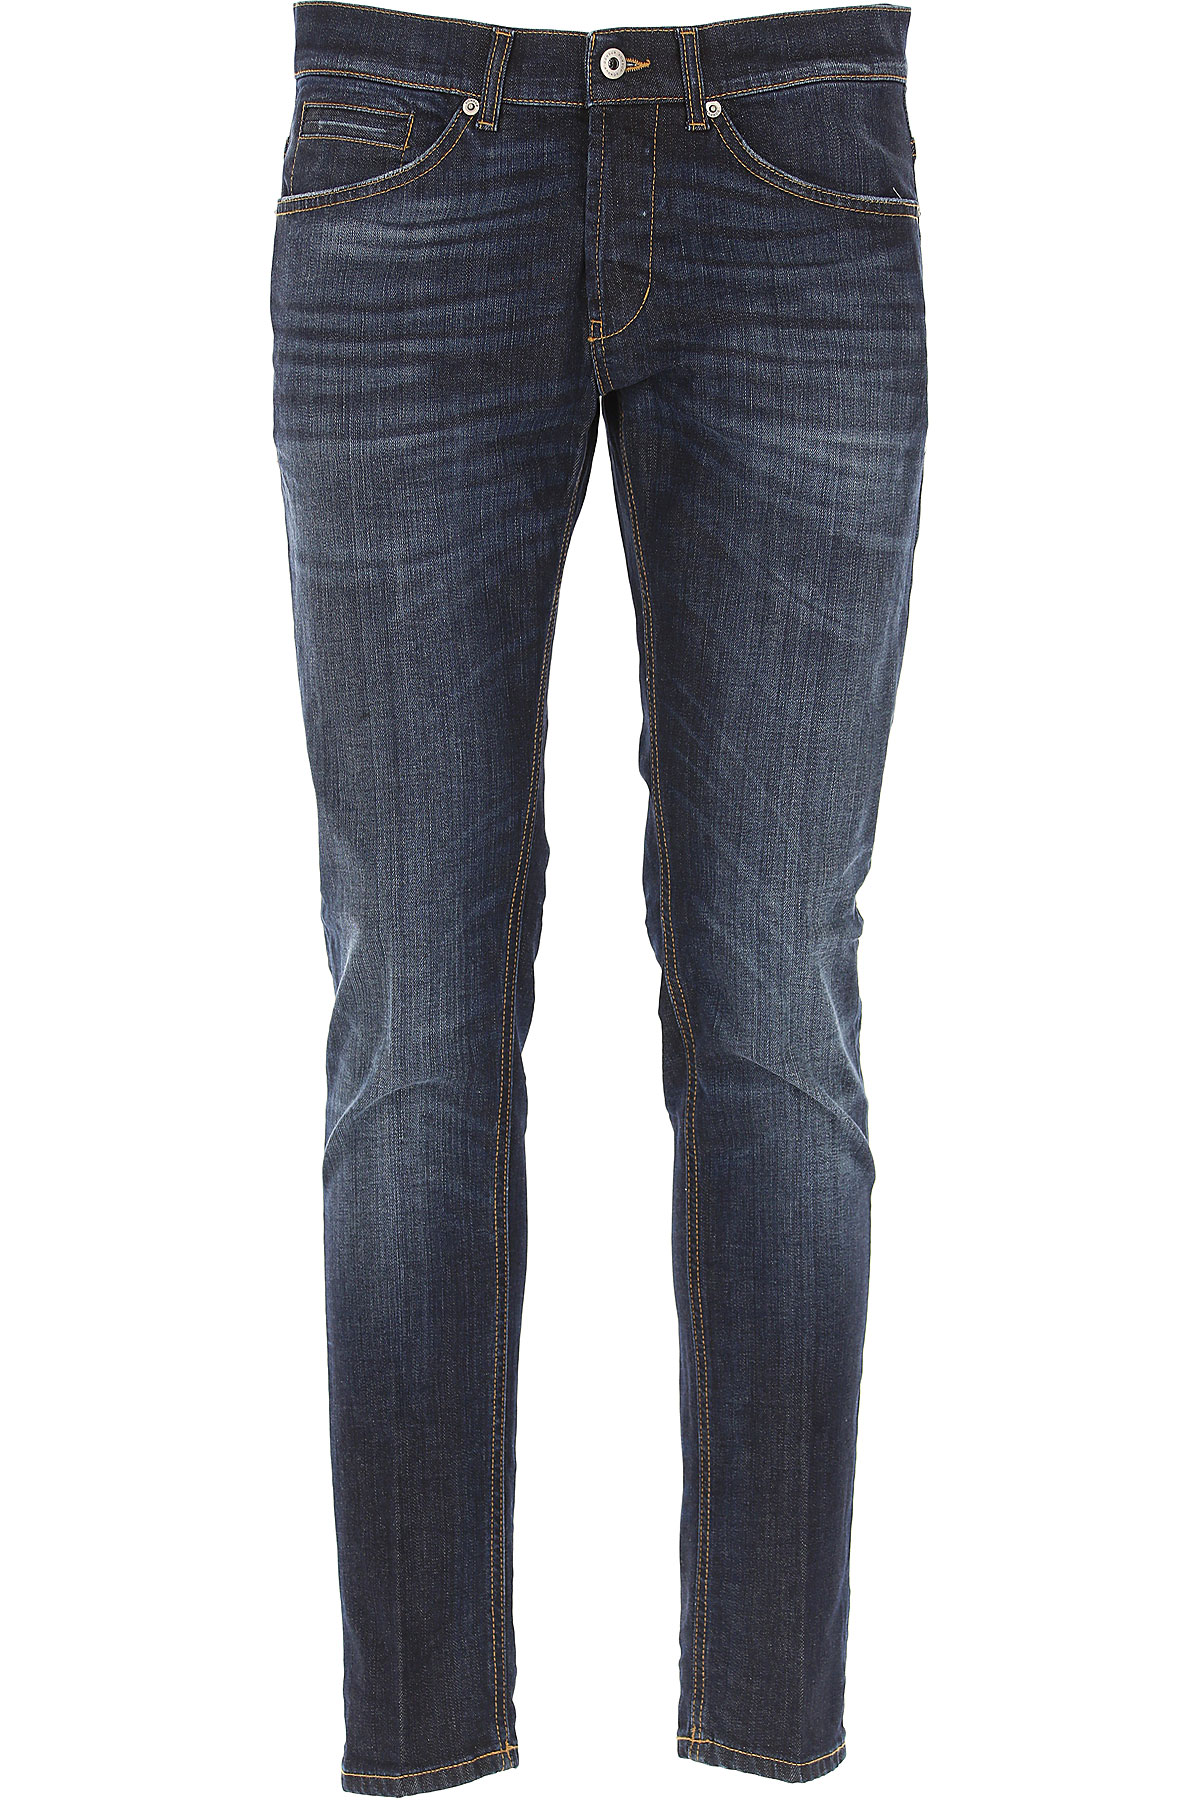 Dondup Jeans On Sale, Denim Blue, Cotton, 2017, 29 30 31 32 34 35 36 38